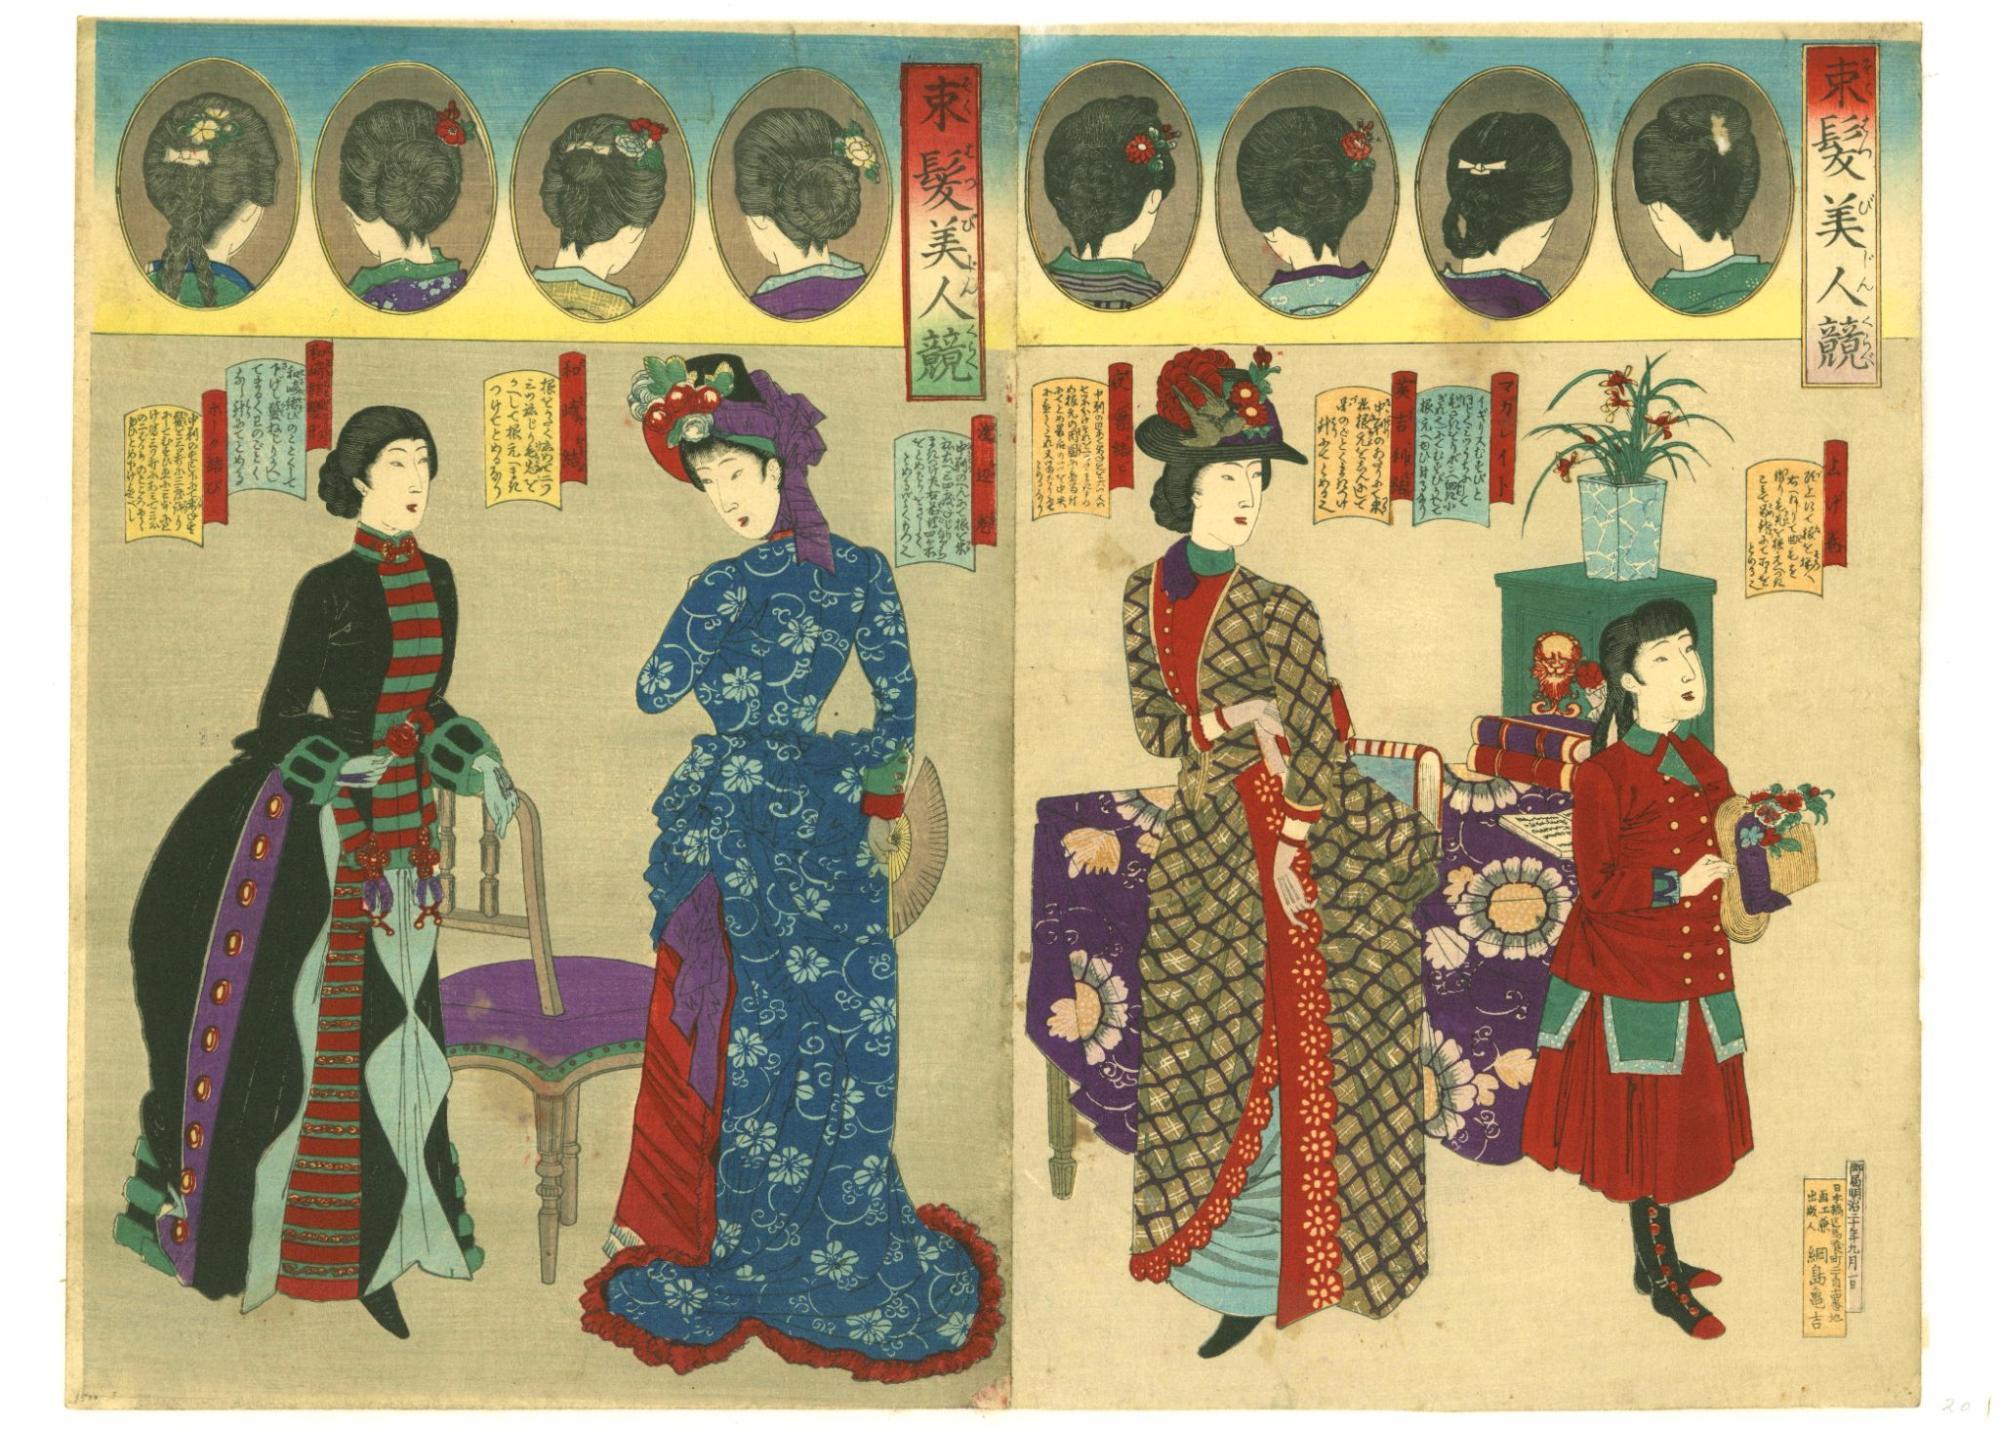 三つ編みに夜会巻きも!?明治時代に流行したヘアスタイルとは?